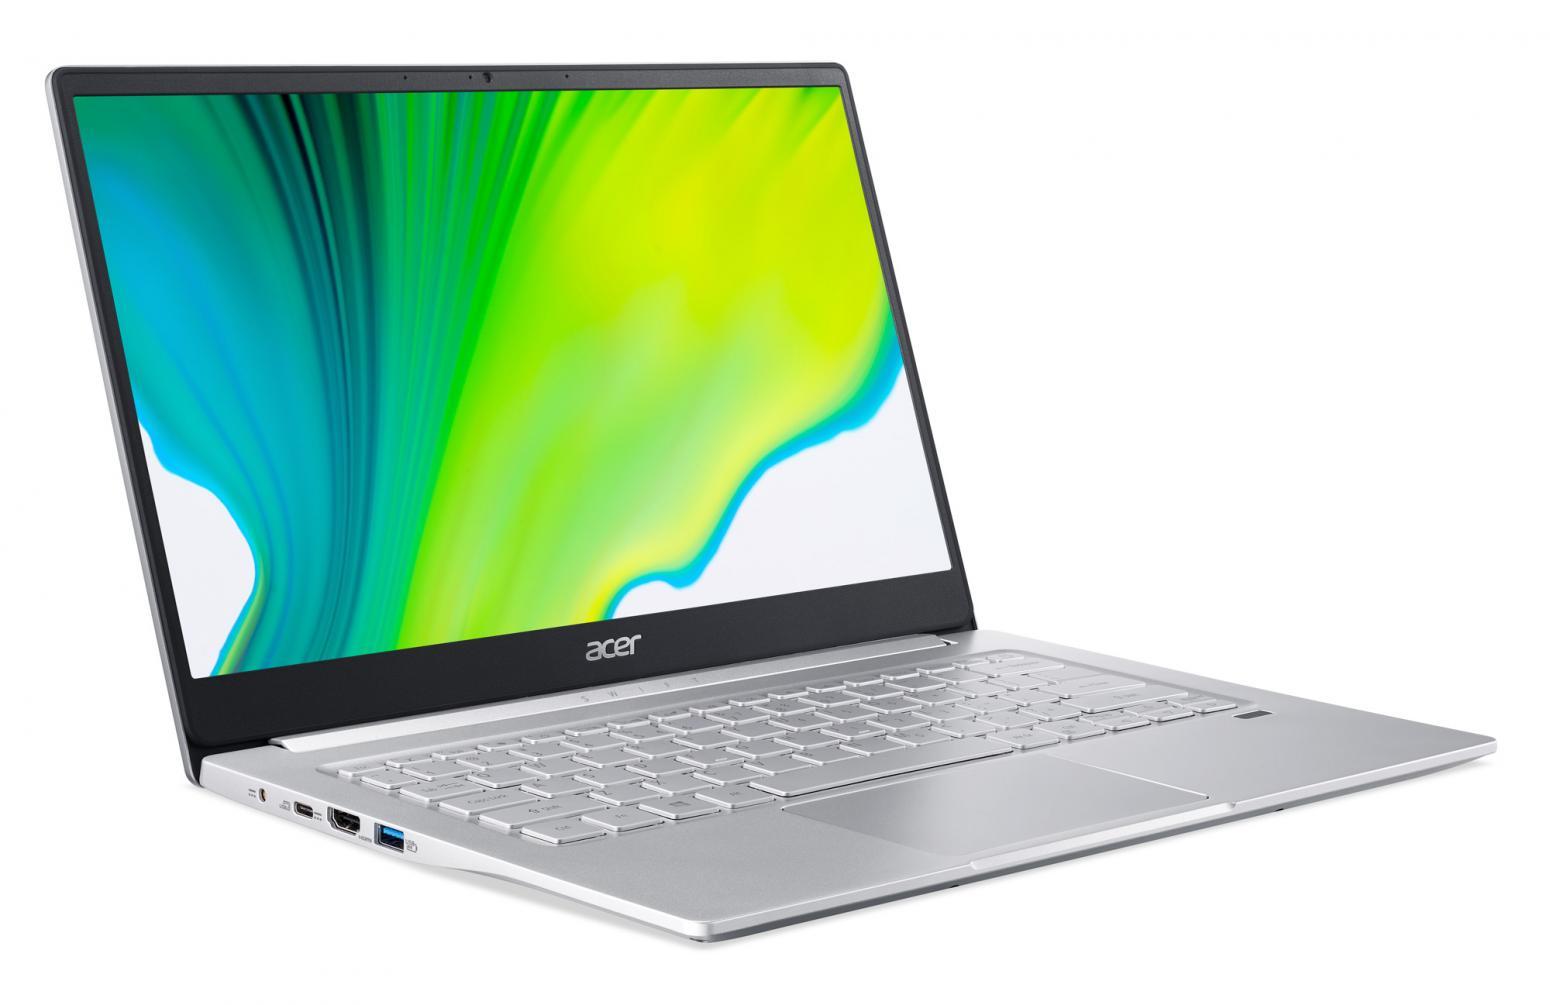 Image du PC portable Acer Swift 3 SF314-42-R8KM Argent - Ryzen 7 Octo Core